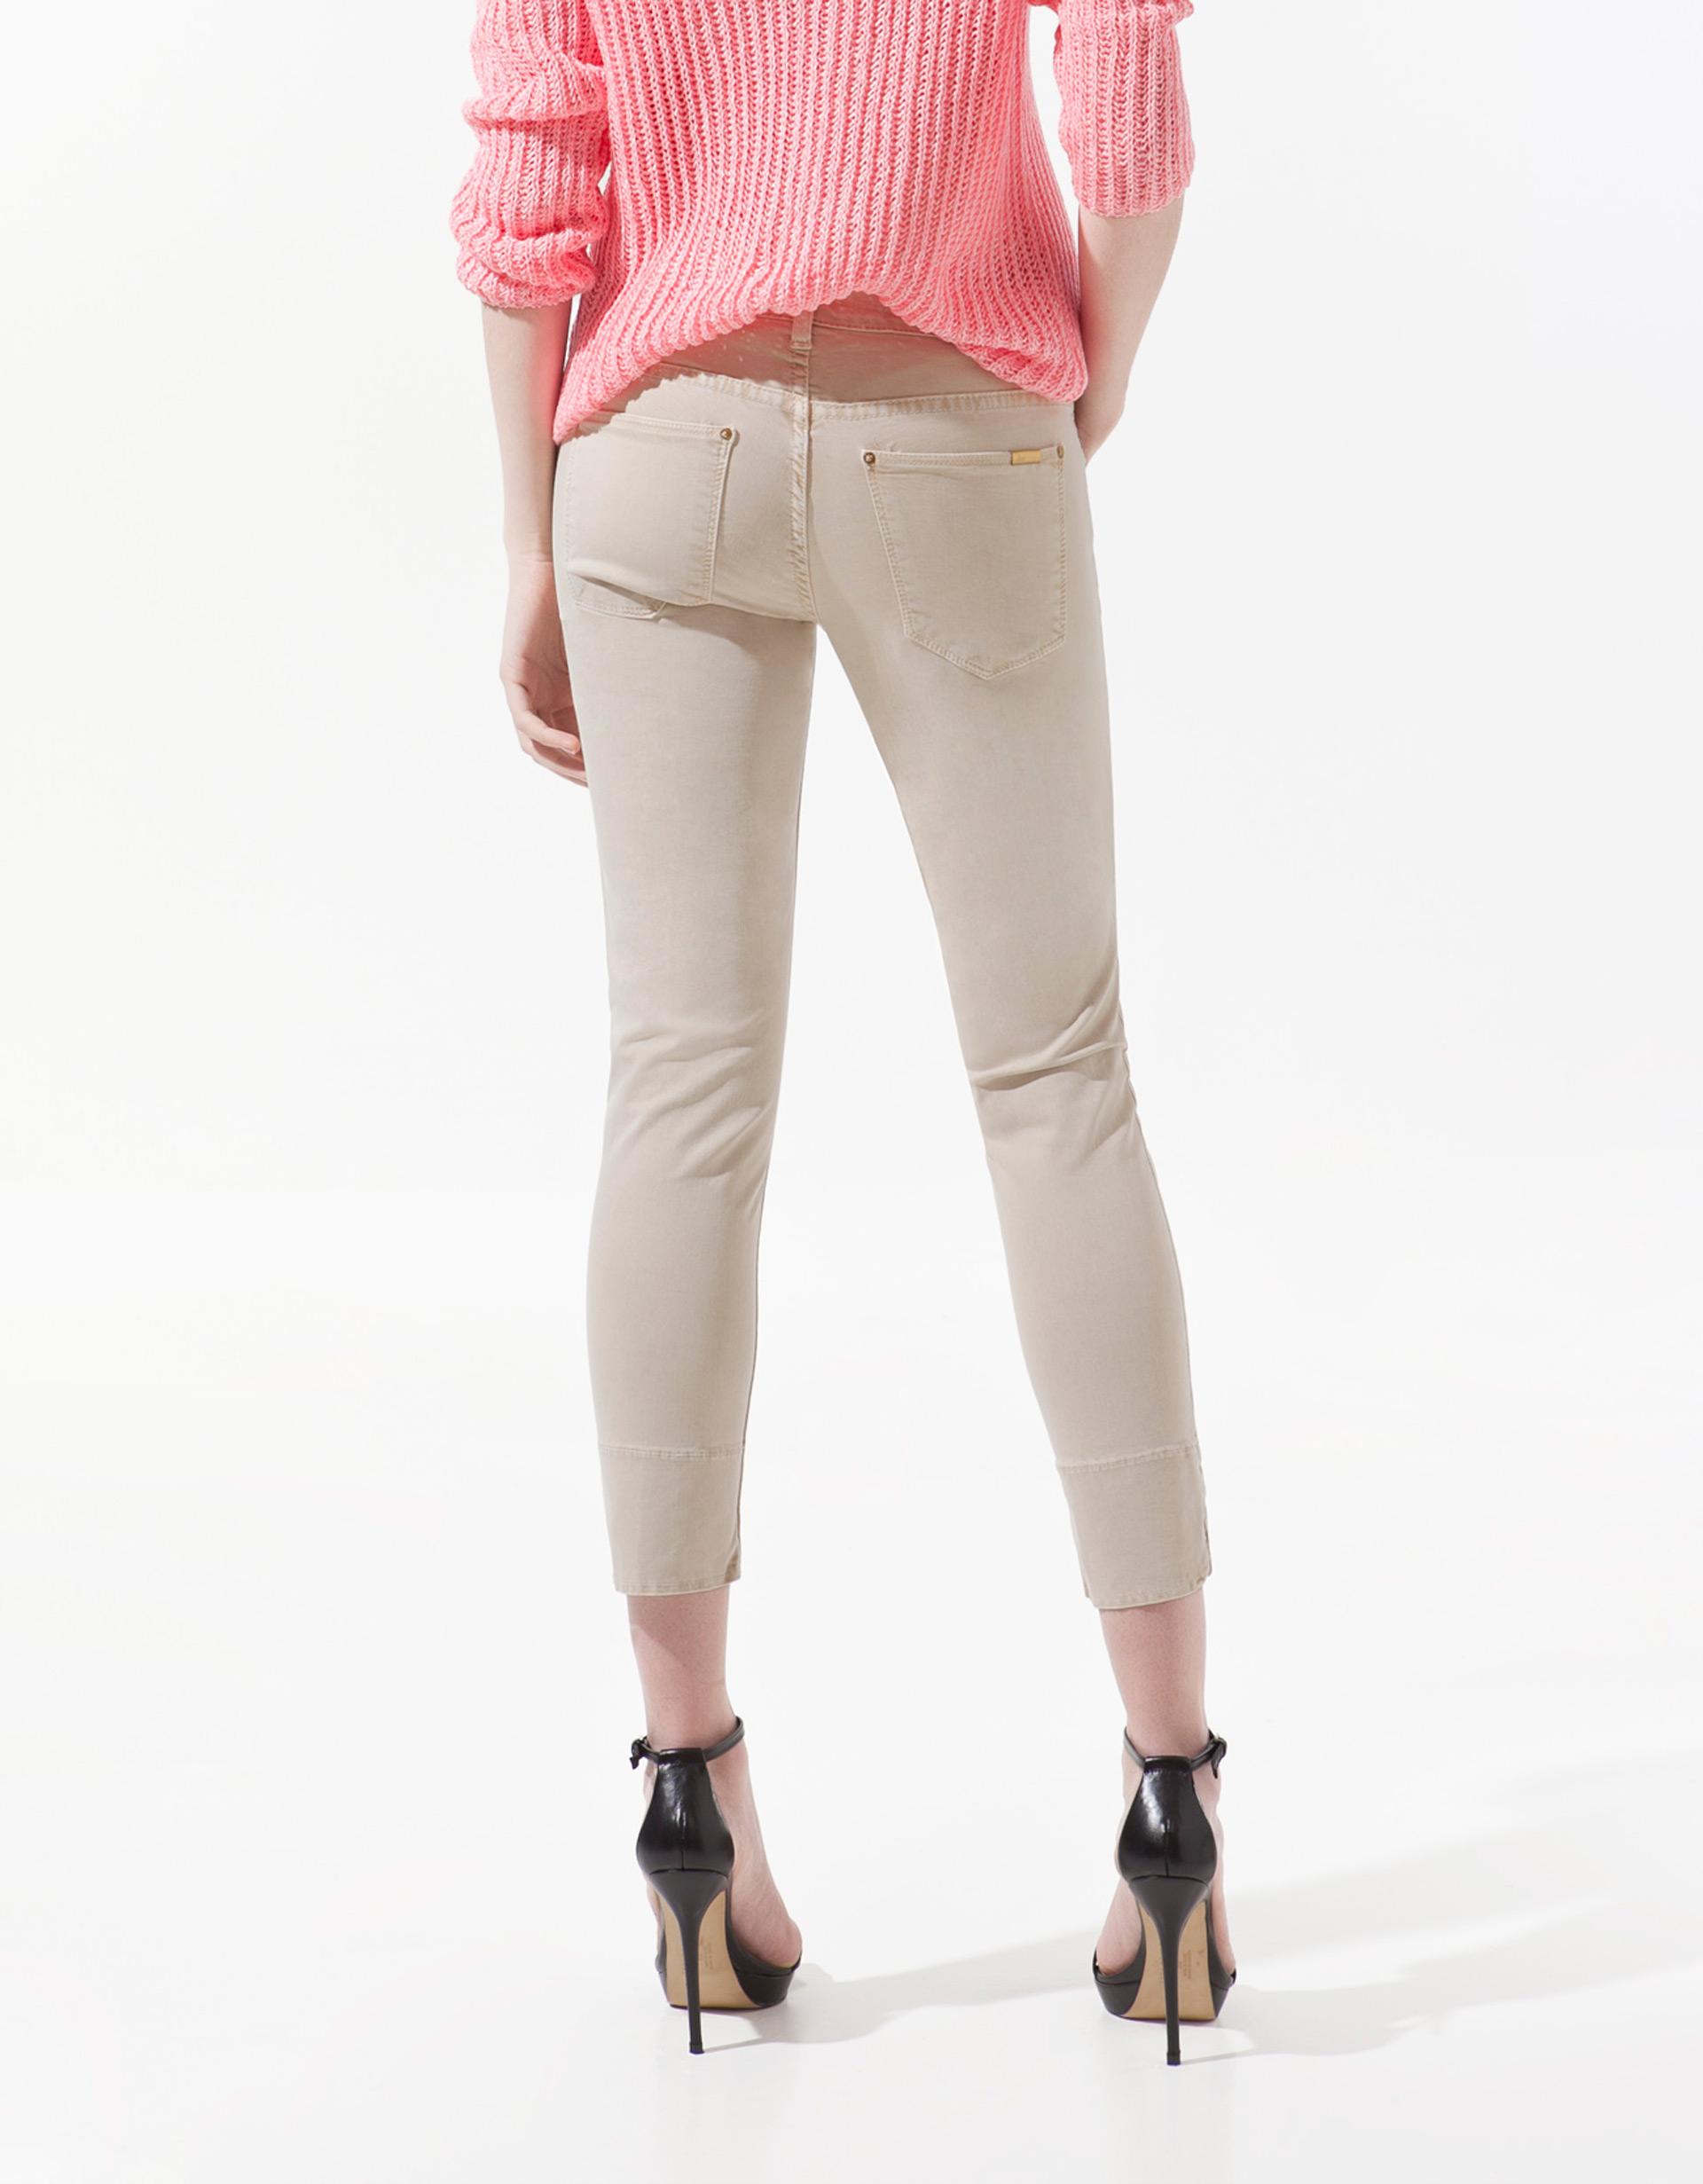 Zara Satin Capri Pants in Natural | Lyst